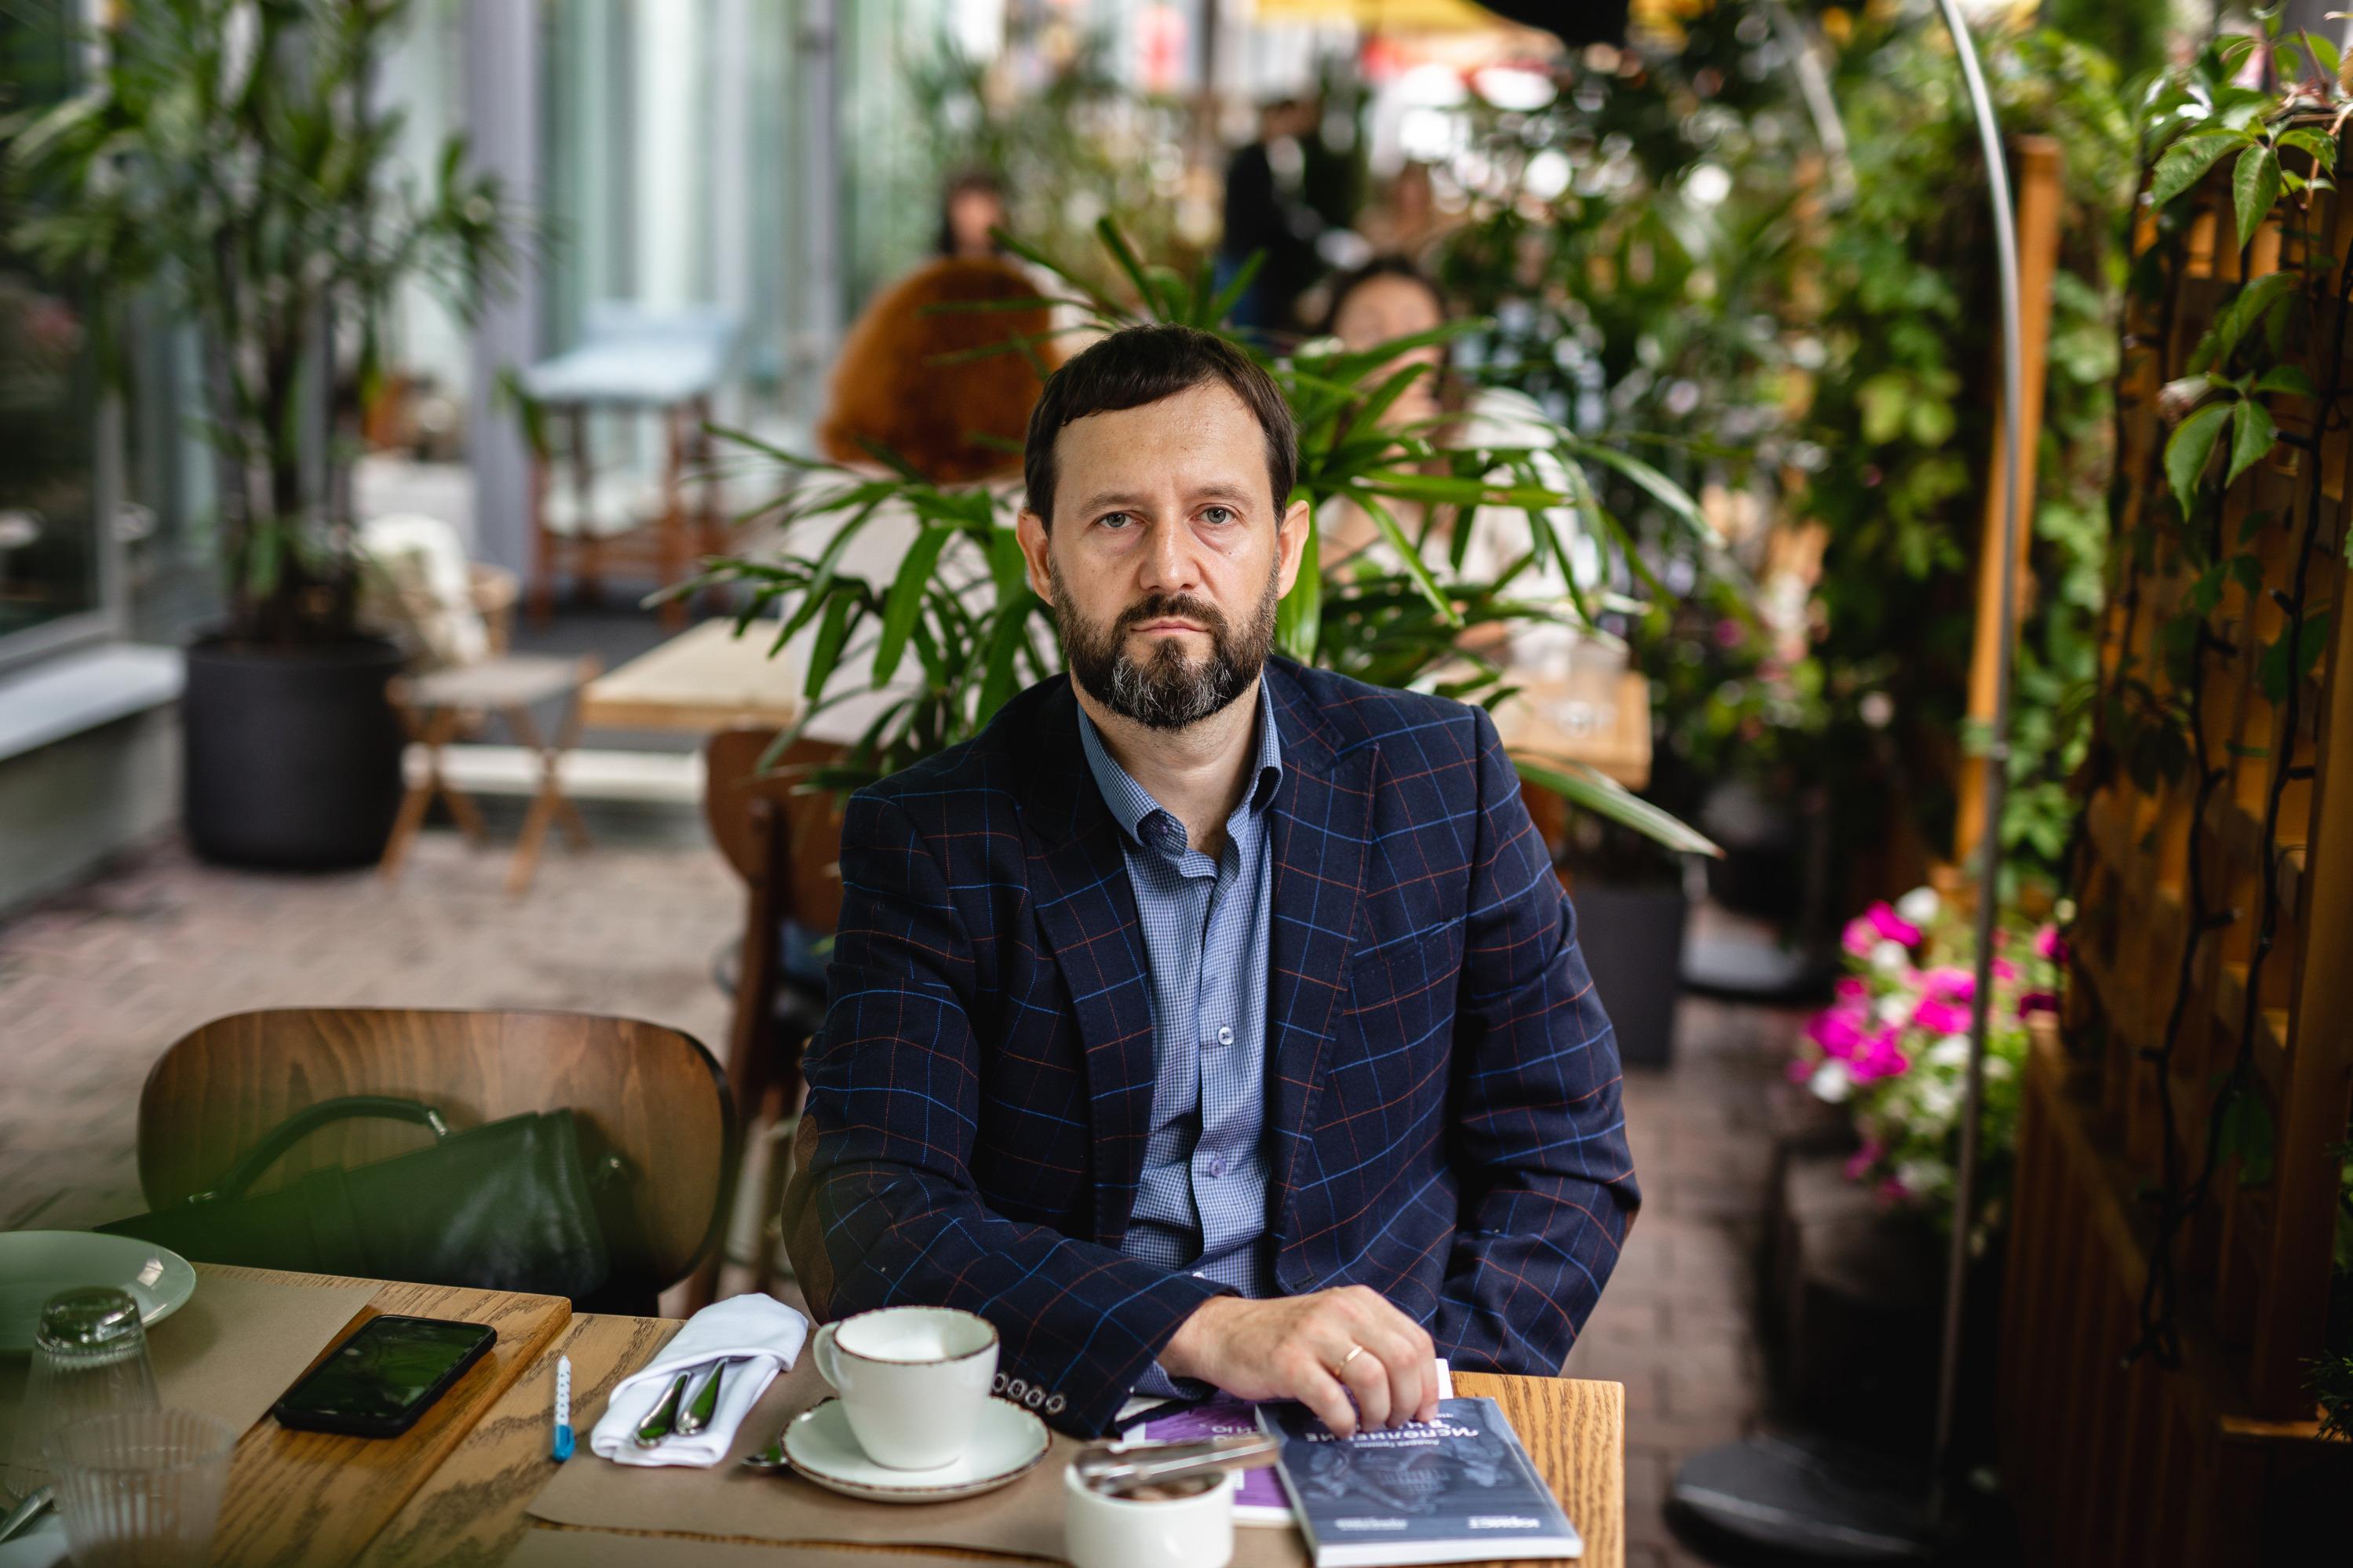 Сергей говорит: «Настоящий мужик должен быть побрит и подстрижен, одет аккуратно. Этого достаточно. Маникюры, педикюры и всё прочее — для меня лишнее»